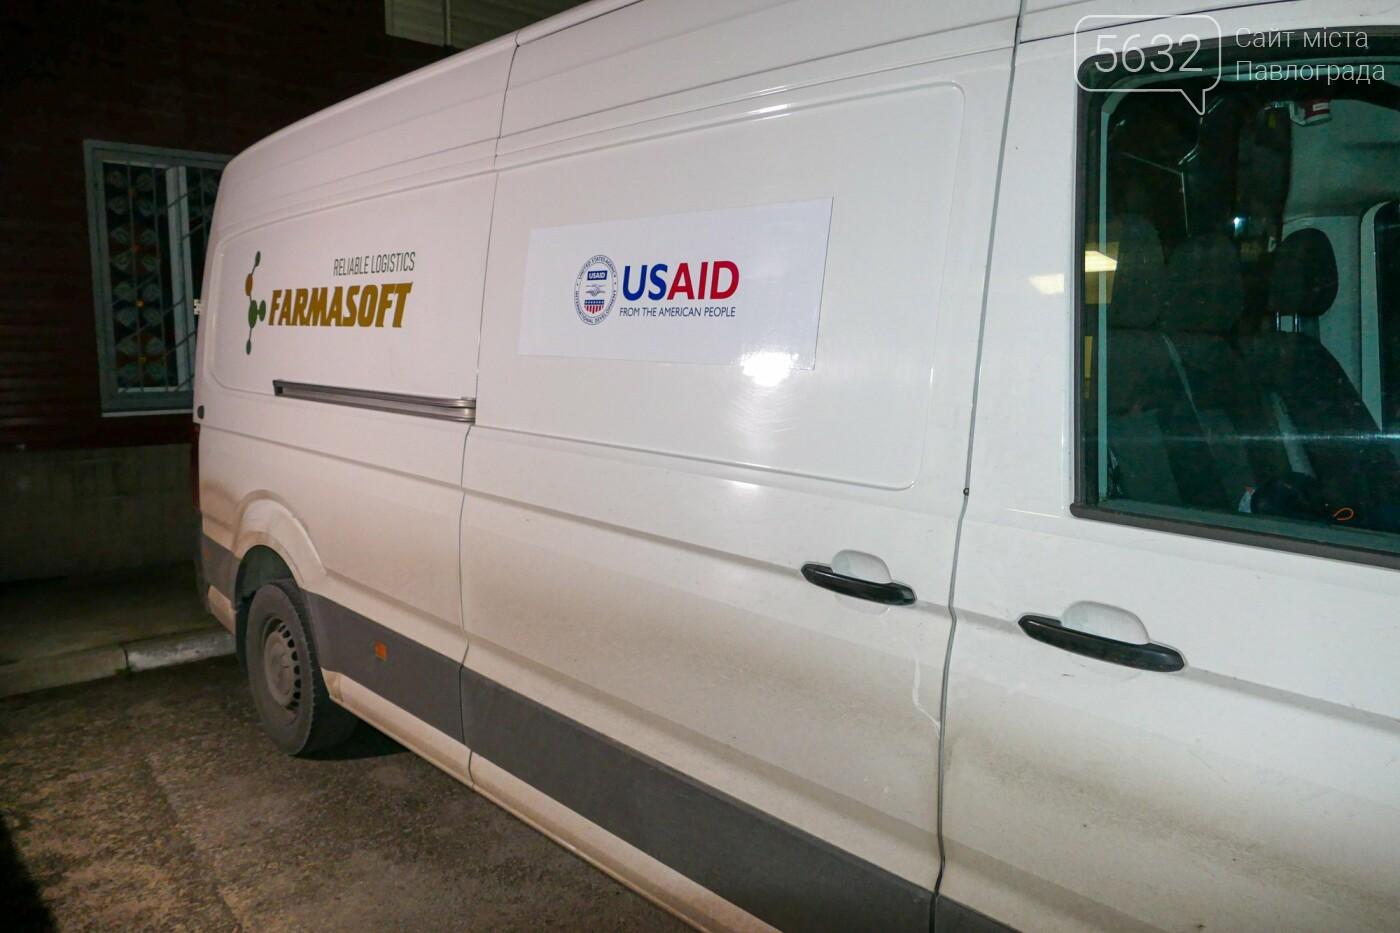 Днепропетровщина получила первые дозы вакцины от коронавируса производства Pfizer/BioNTech, фото-1